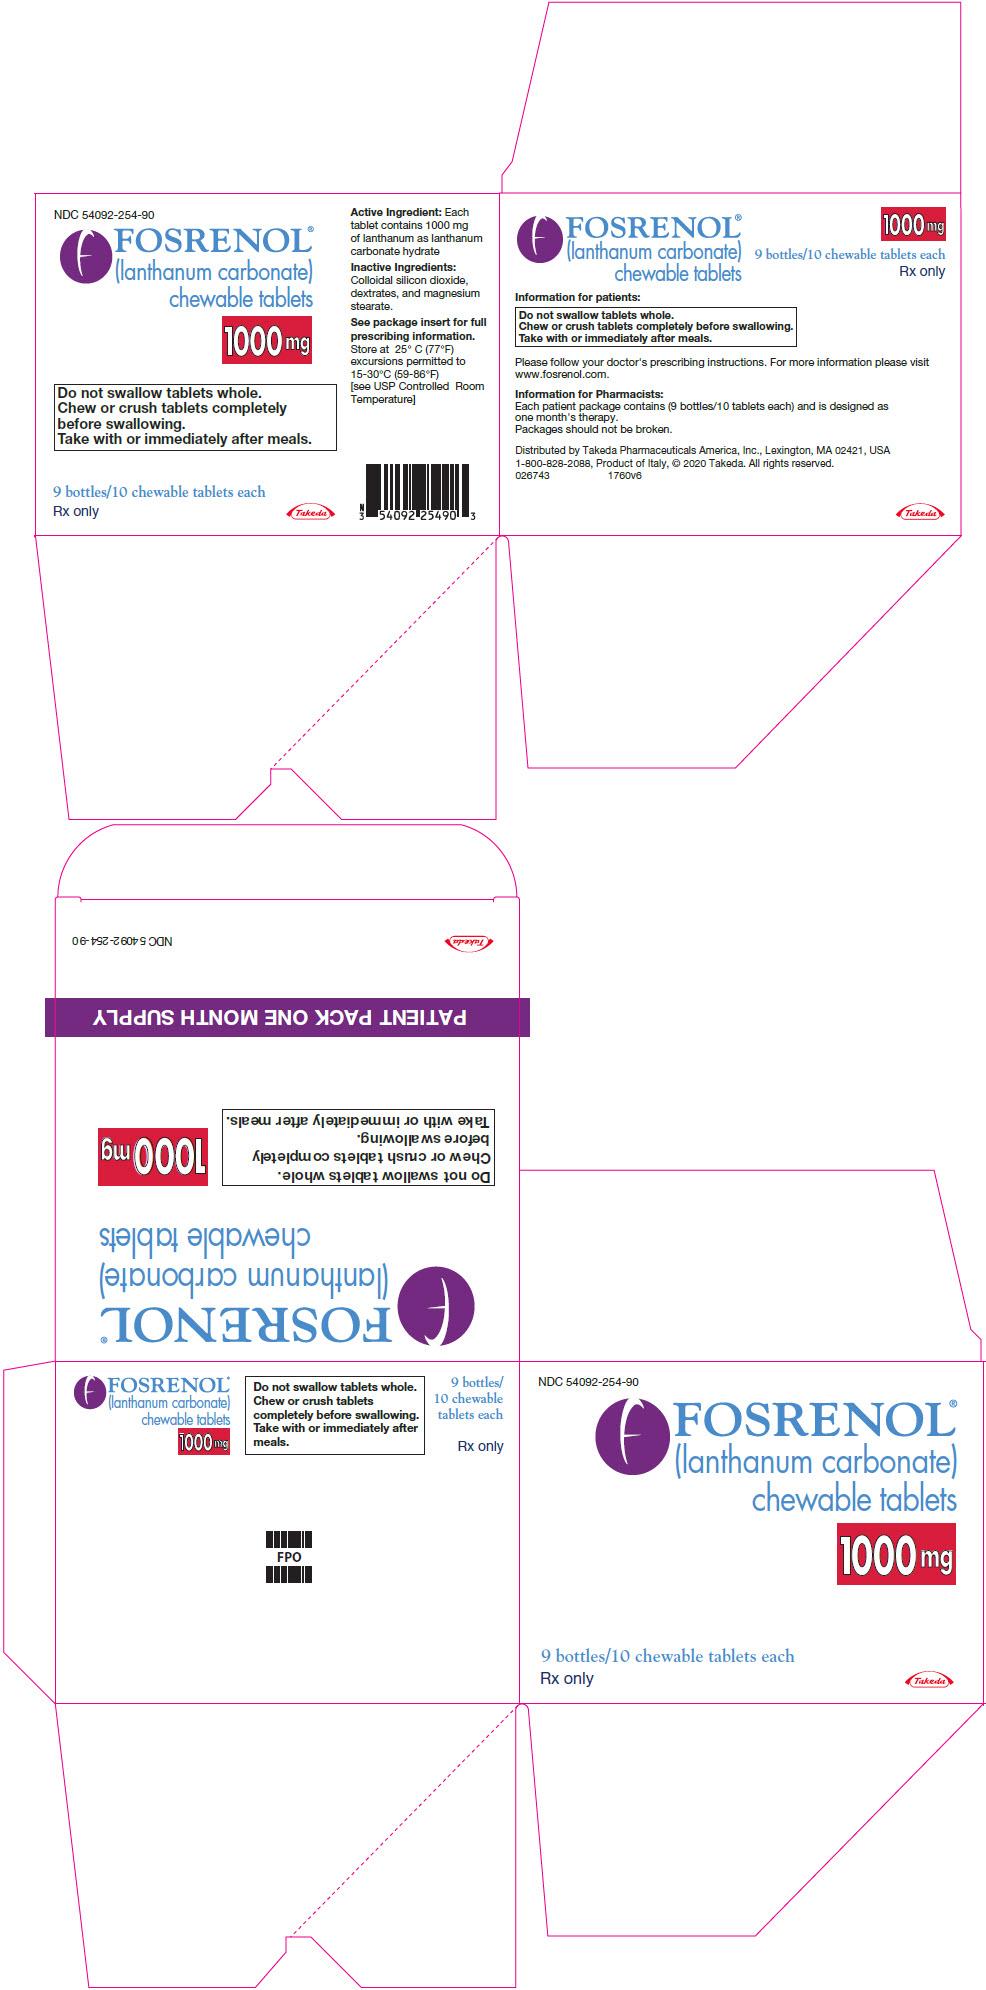 DailyMed - FOSRENOL- lanthanum carbonate tablet, chewable